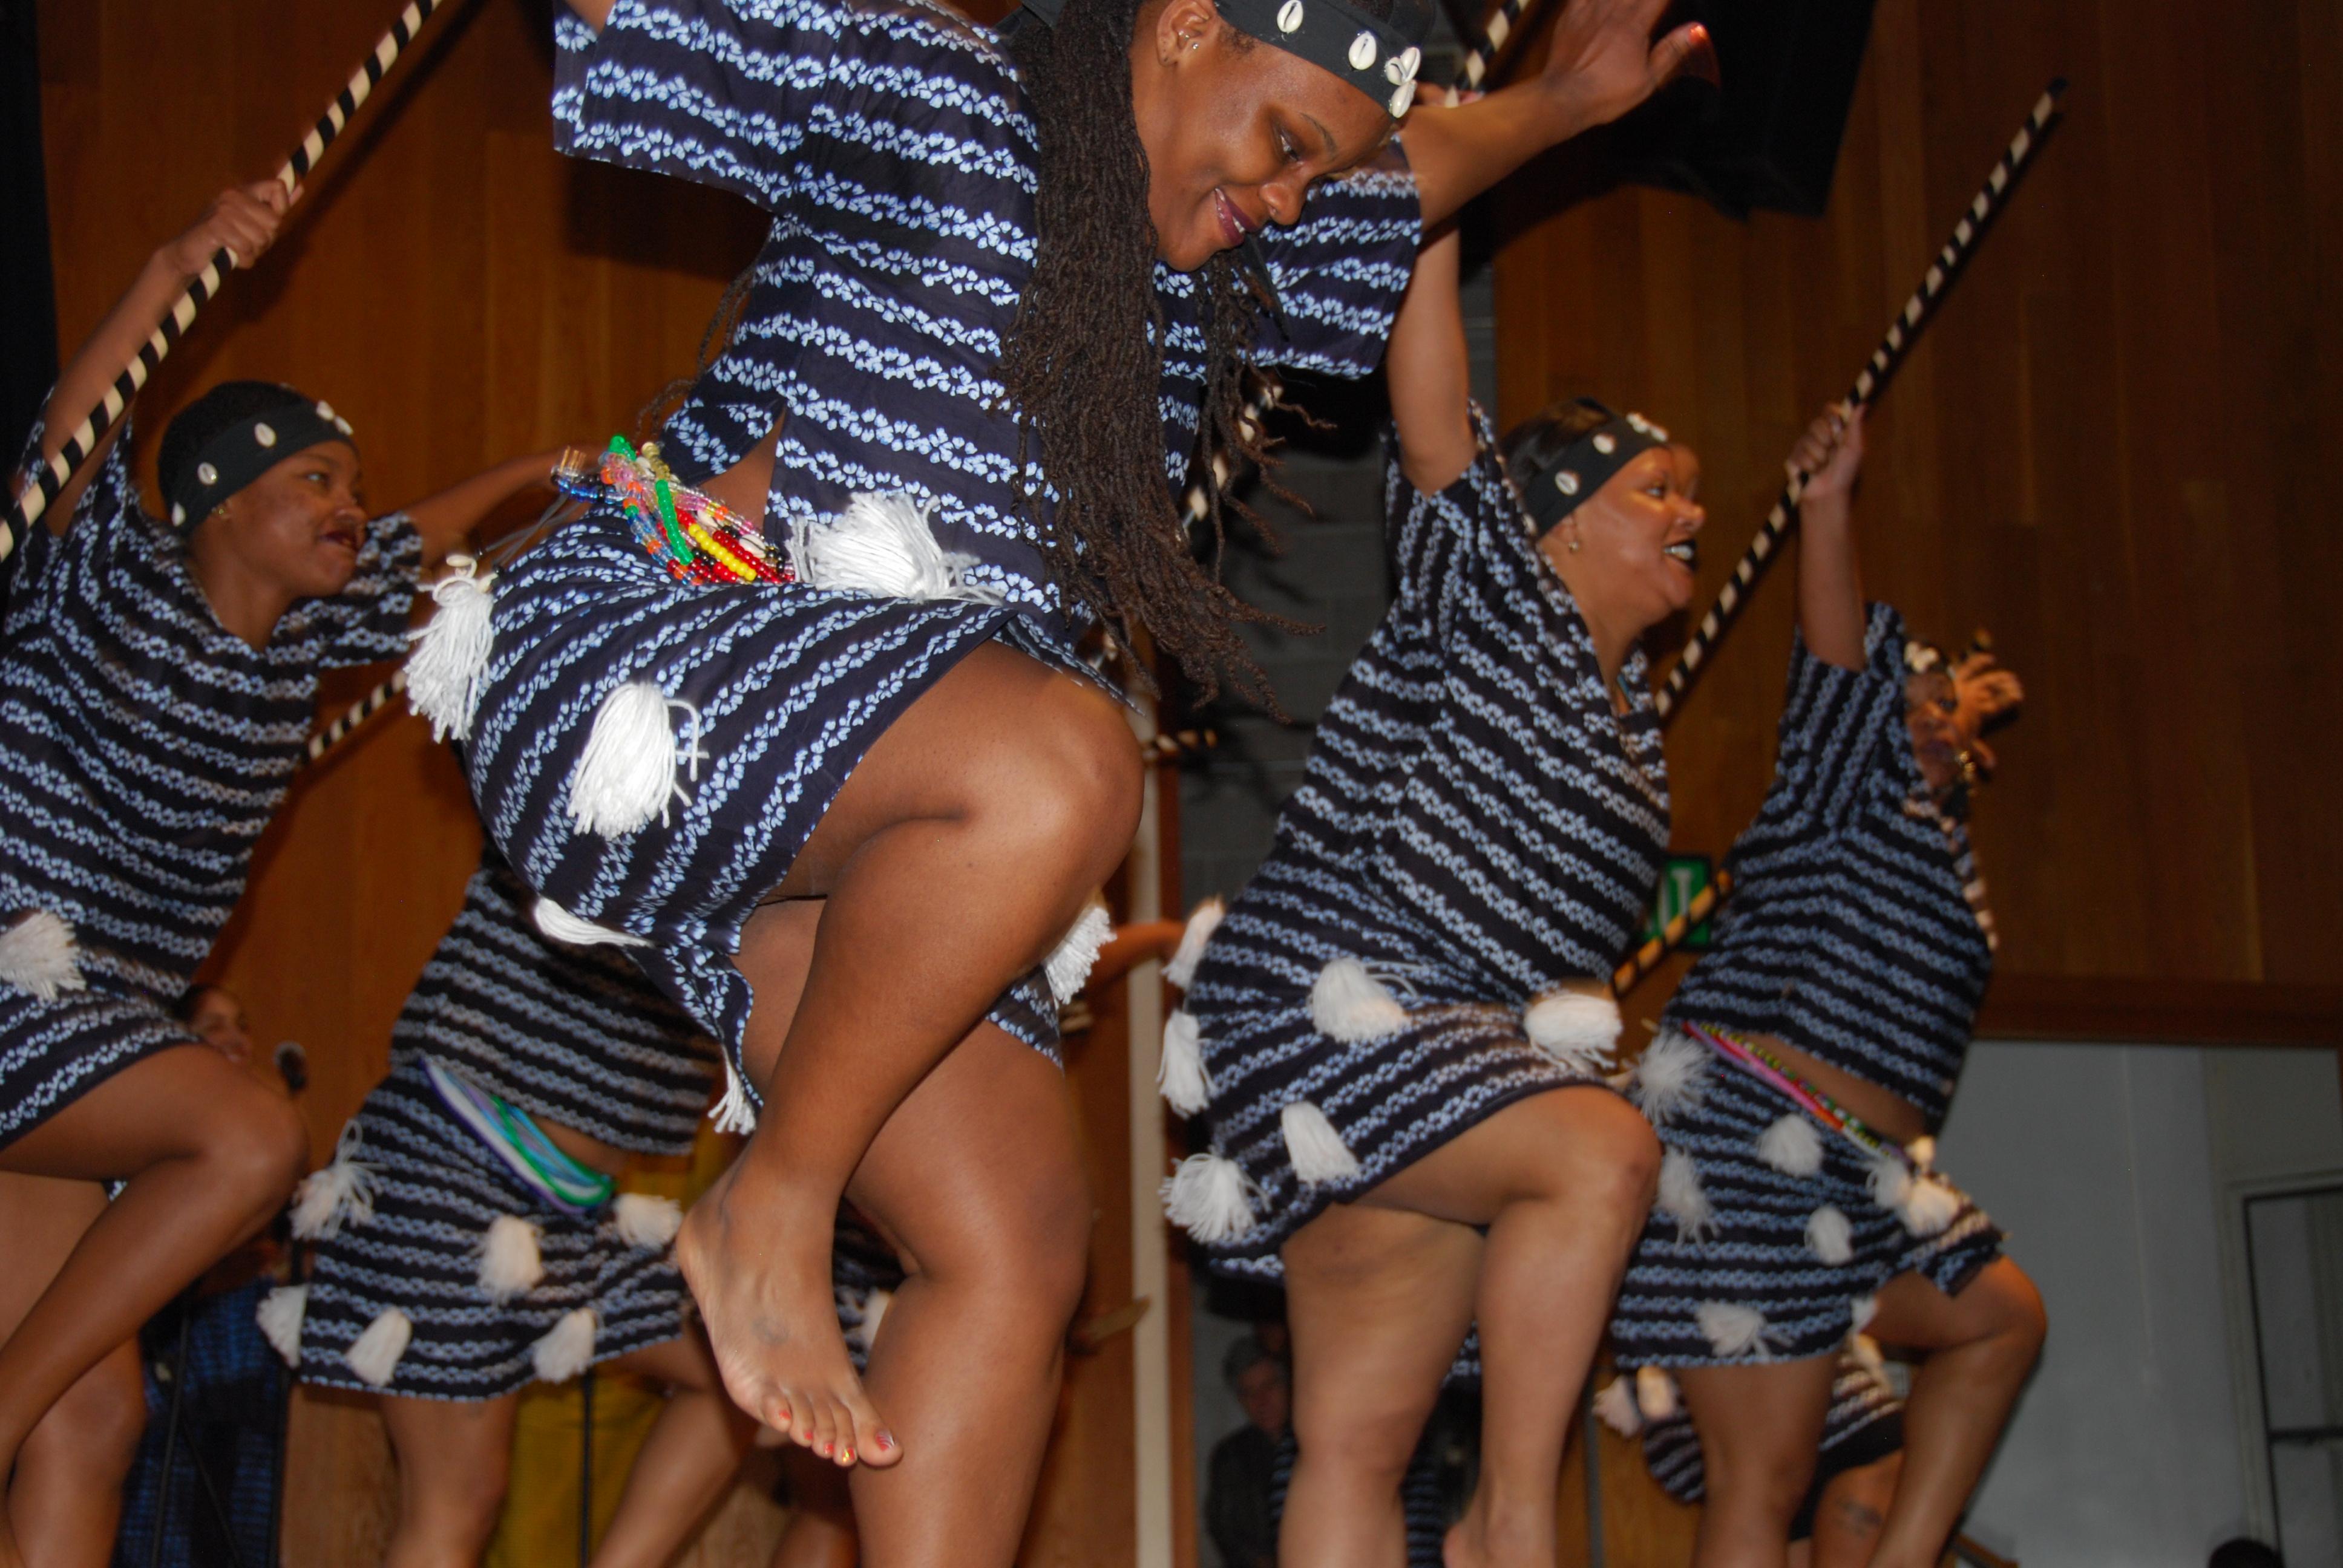 Danzantes de Diamano Coura